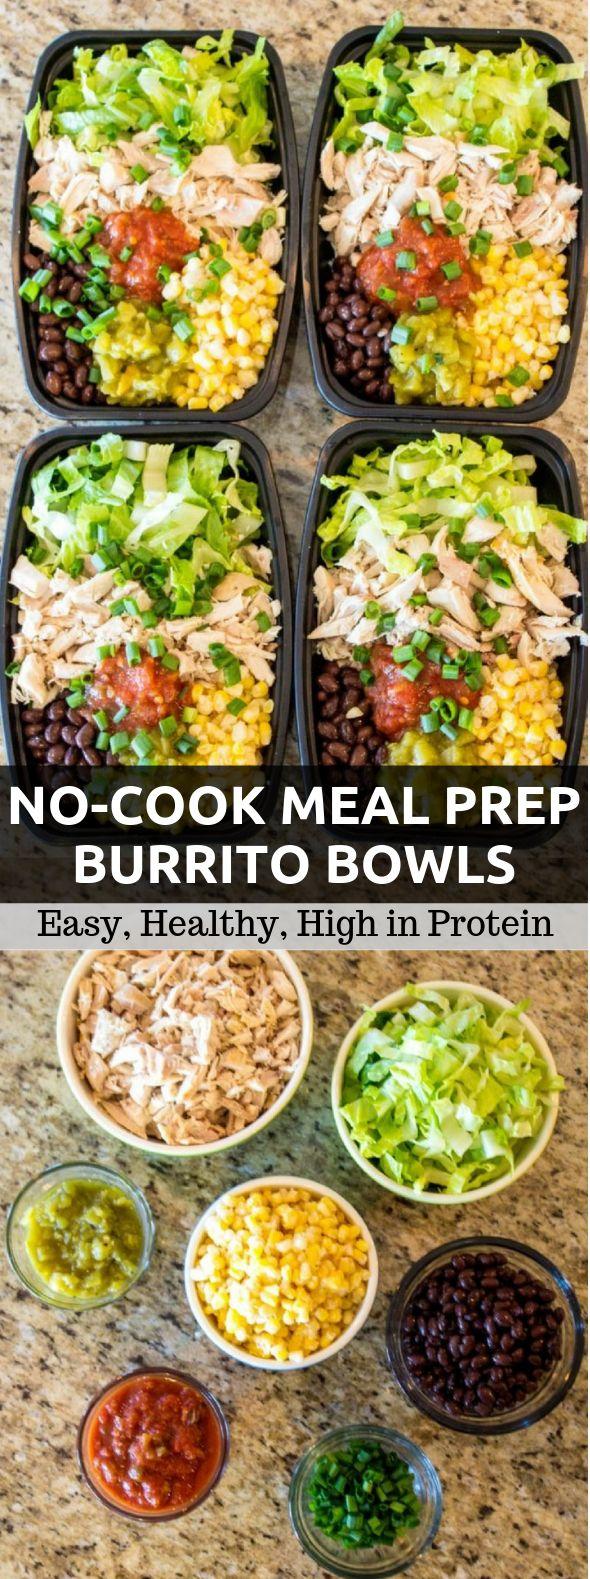 0f9fdb599feca84443c82125863590a2 No Cook Meal Prep Burrito Bowls #lunch #mealprep